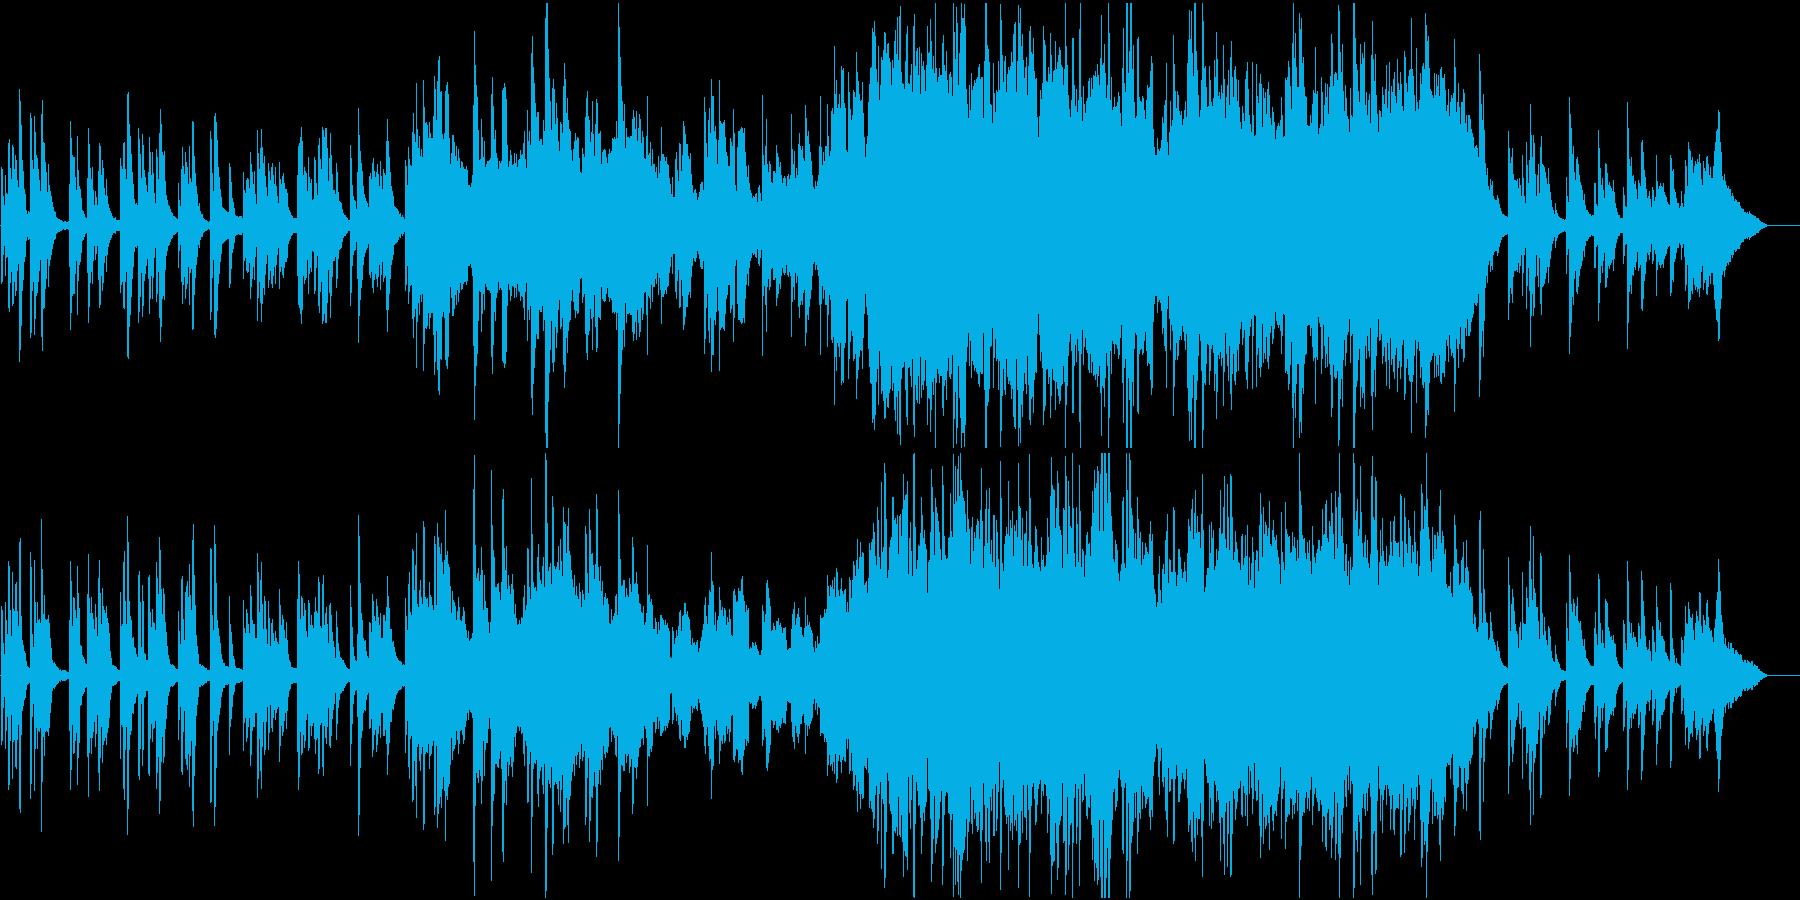 ちょっと感動的な印象になるバラード曲の再生済みの波形